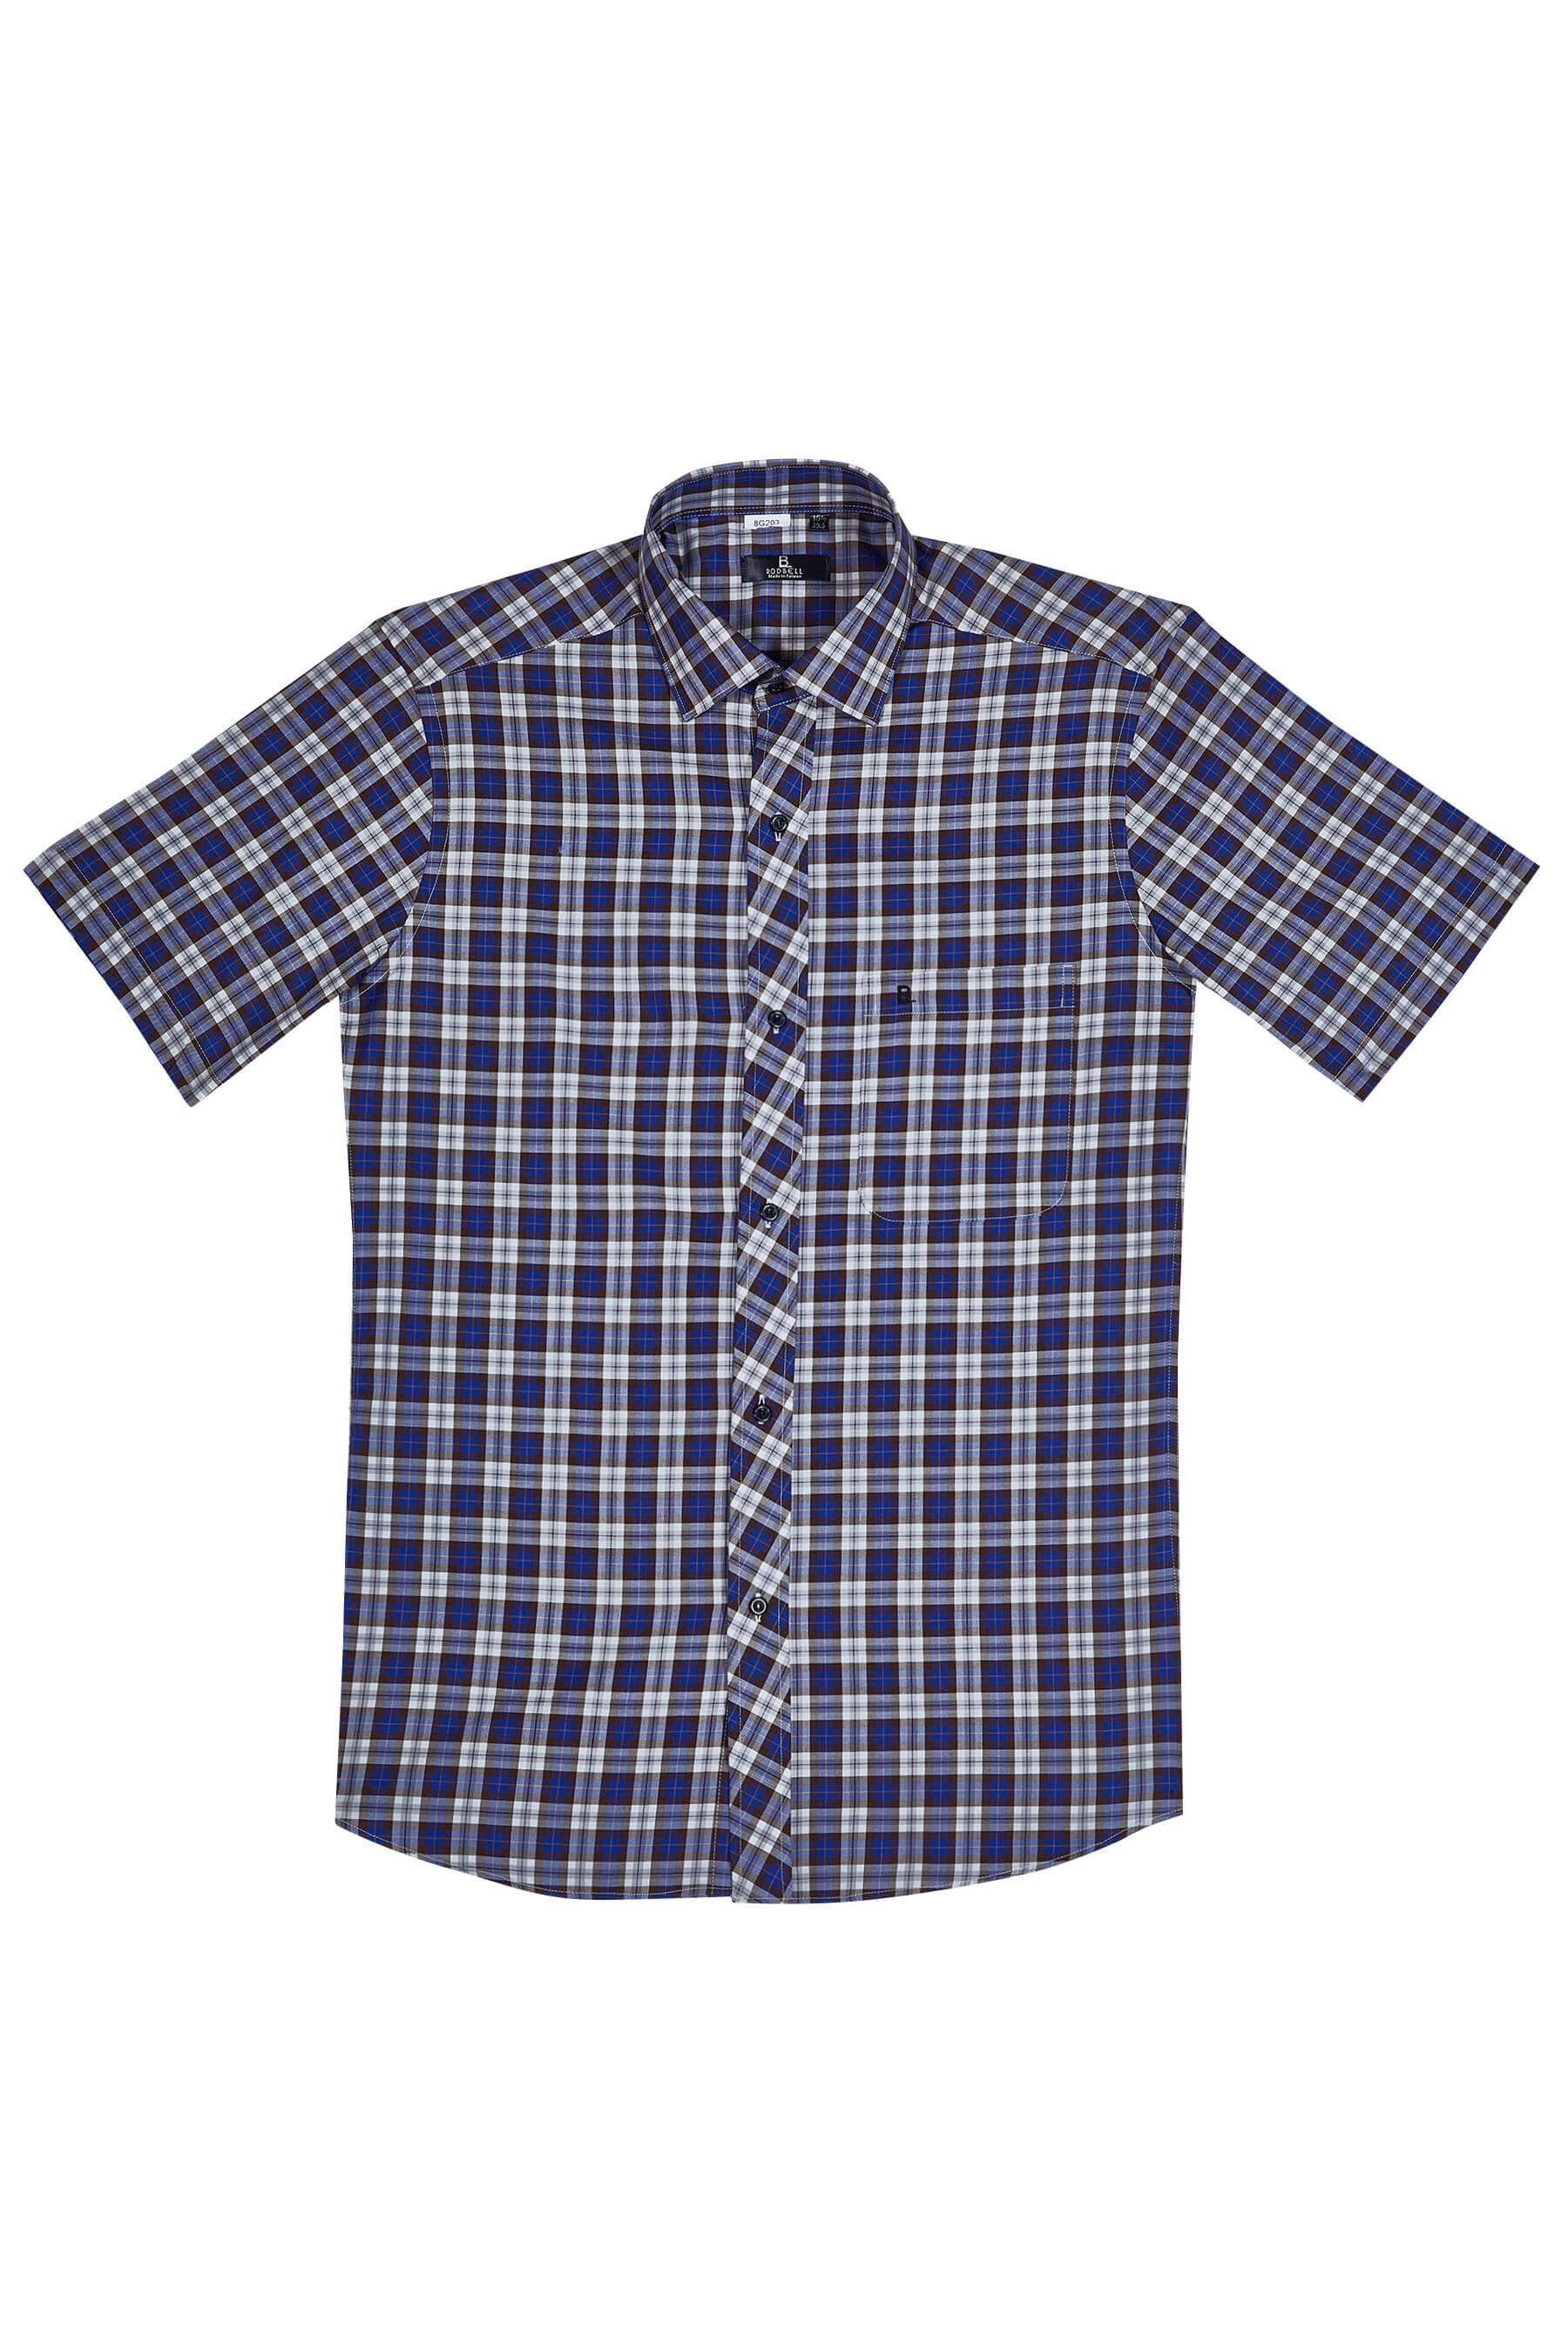 咖啡格紋純棉短袖襯衫/舒適透氣